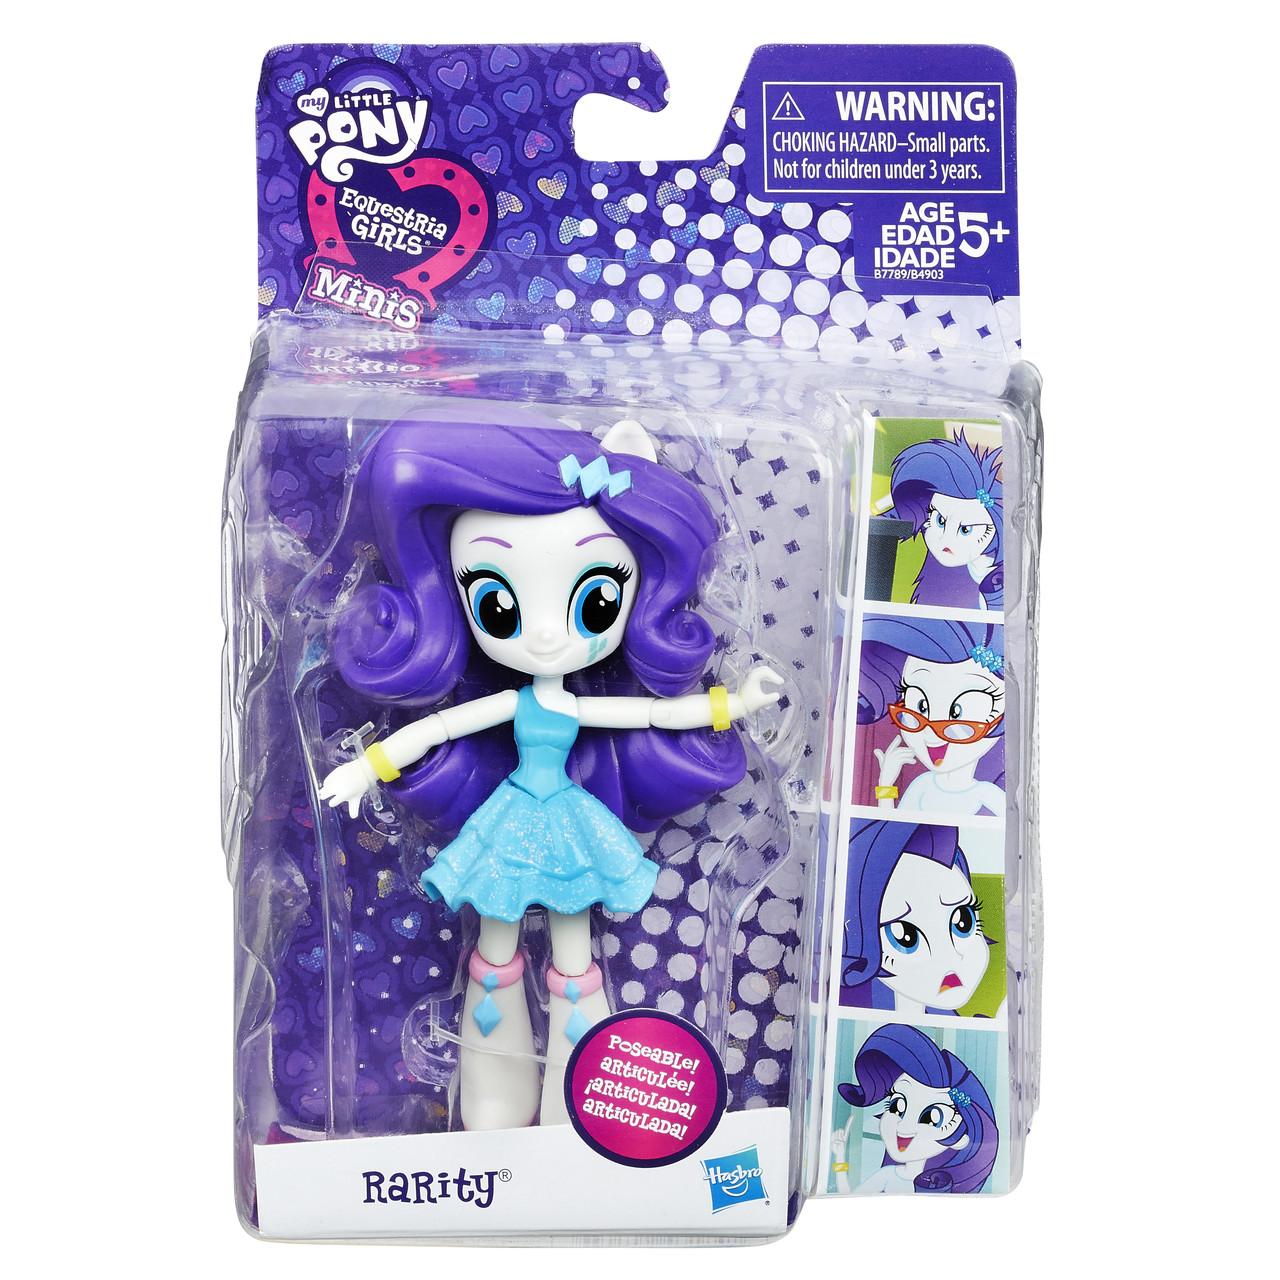 Кукла My Little Pony Equestria Girls Rarity Шарнирная мини-кукла Эквестрии Рарити